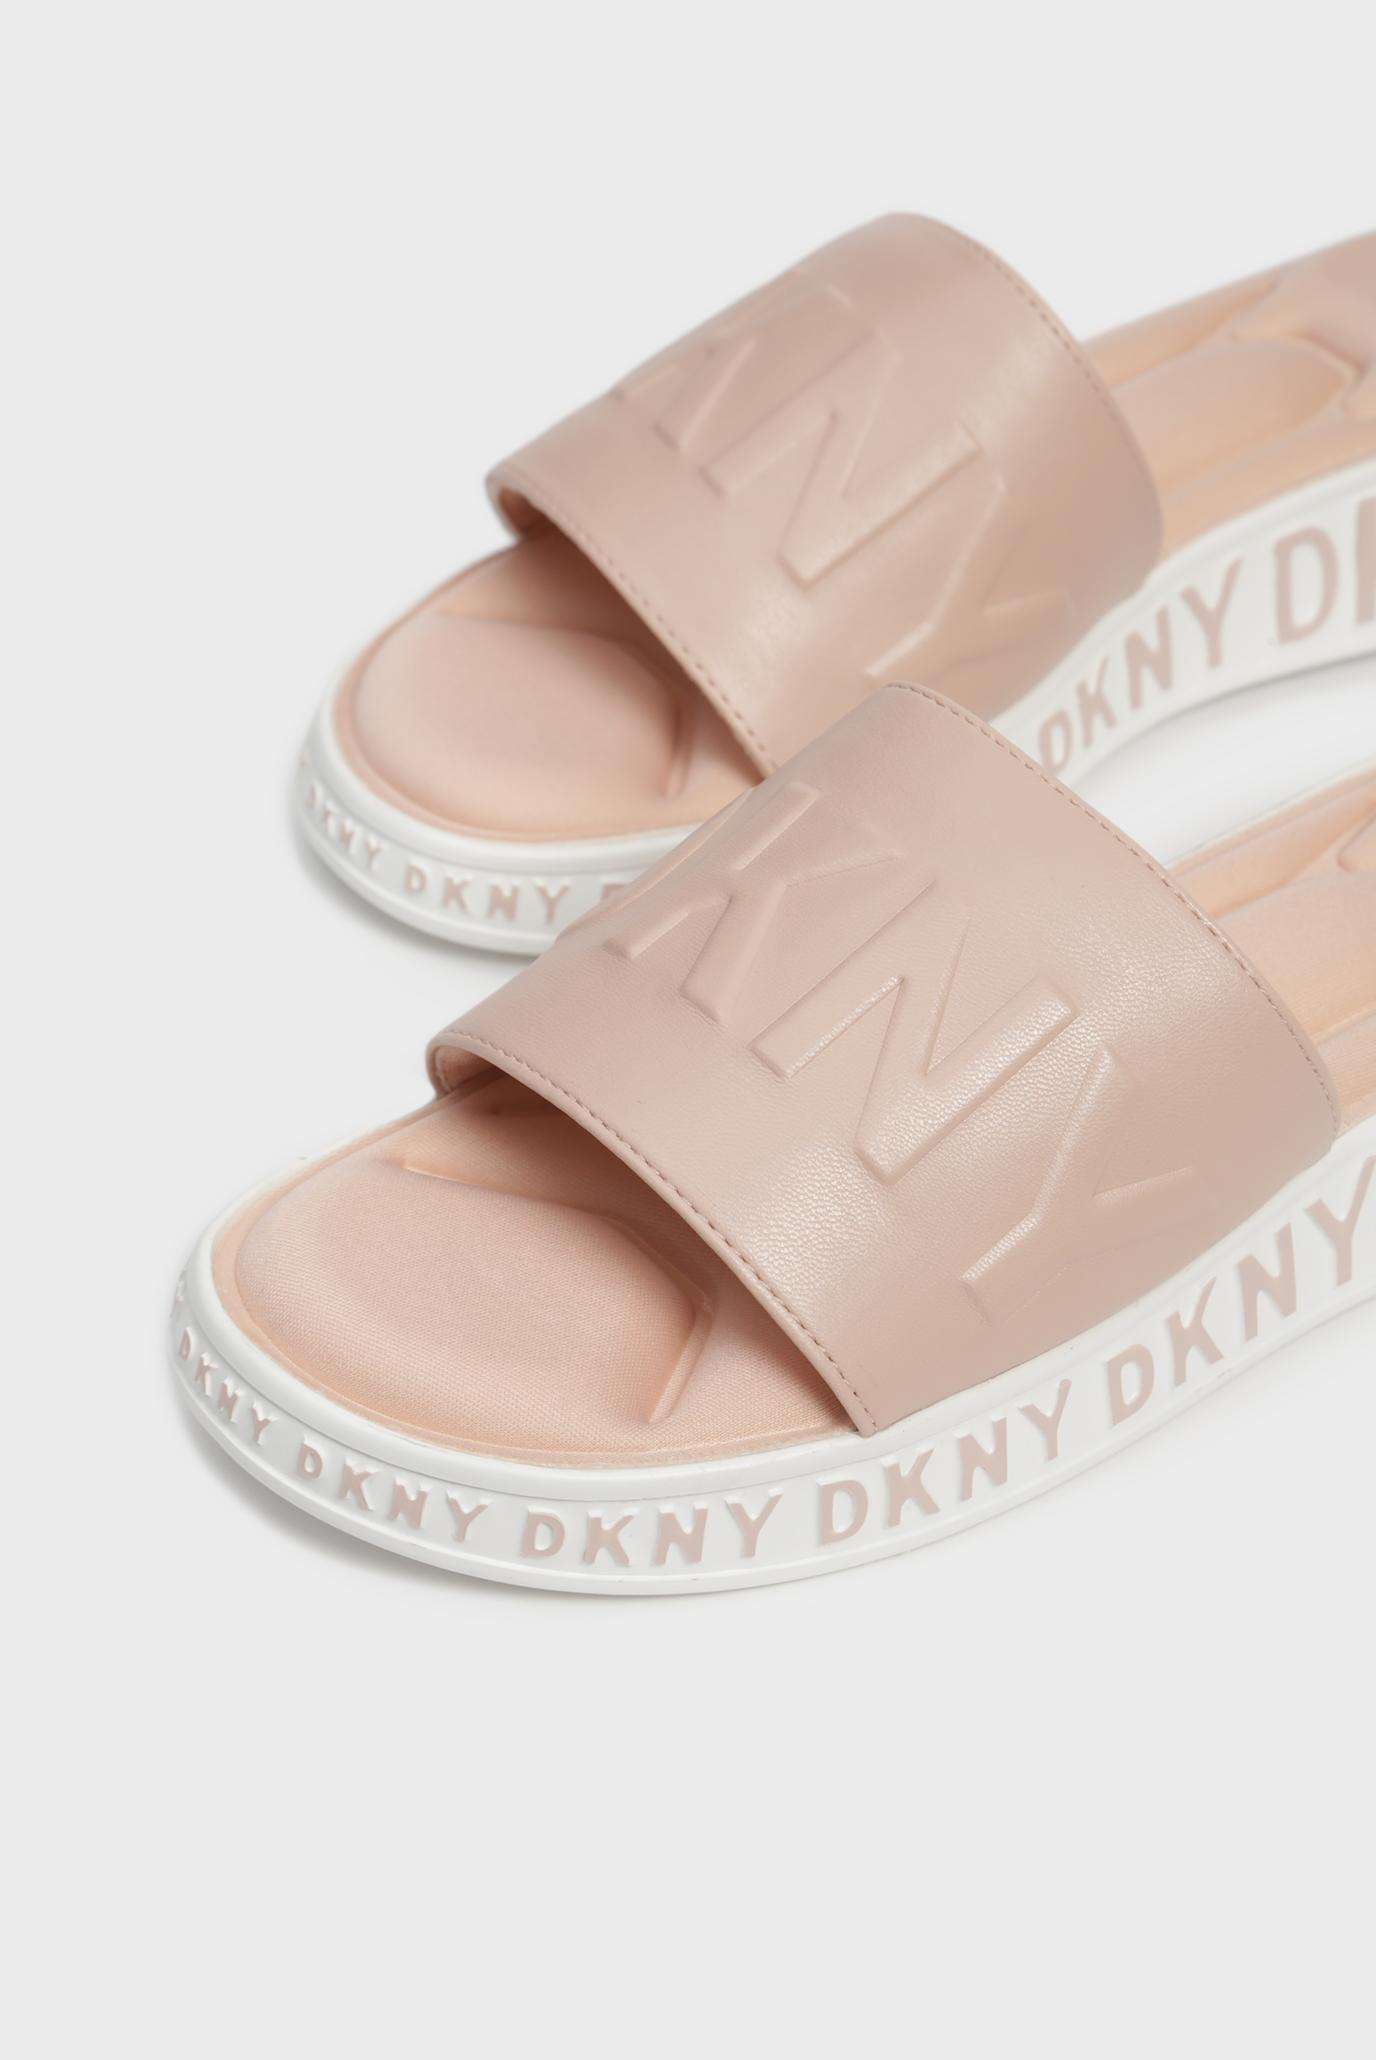 Купить Женские бежевые слайдеры MARA DKNY DKNY K1911176 – Киев, Украина. Цены в интернет магазине MD Fashion